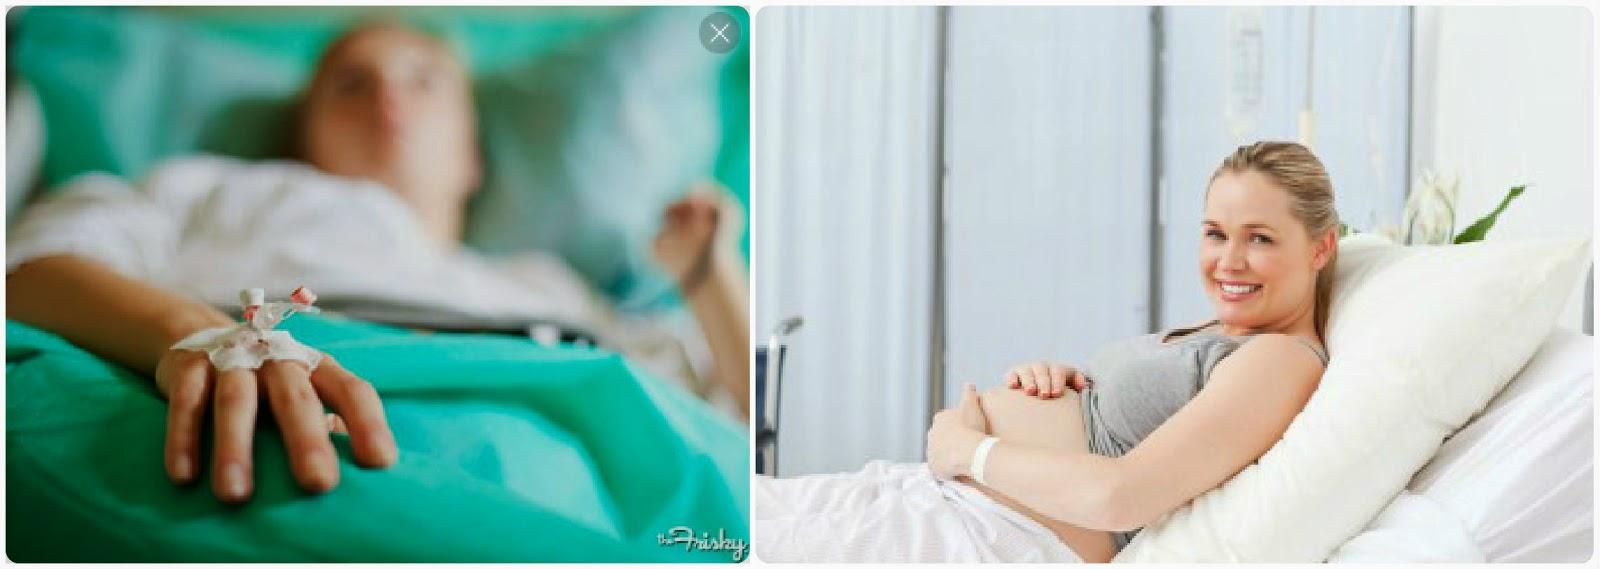 těhotná v nemocnici, rizikové těhotenství